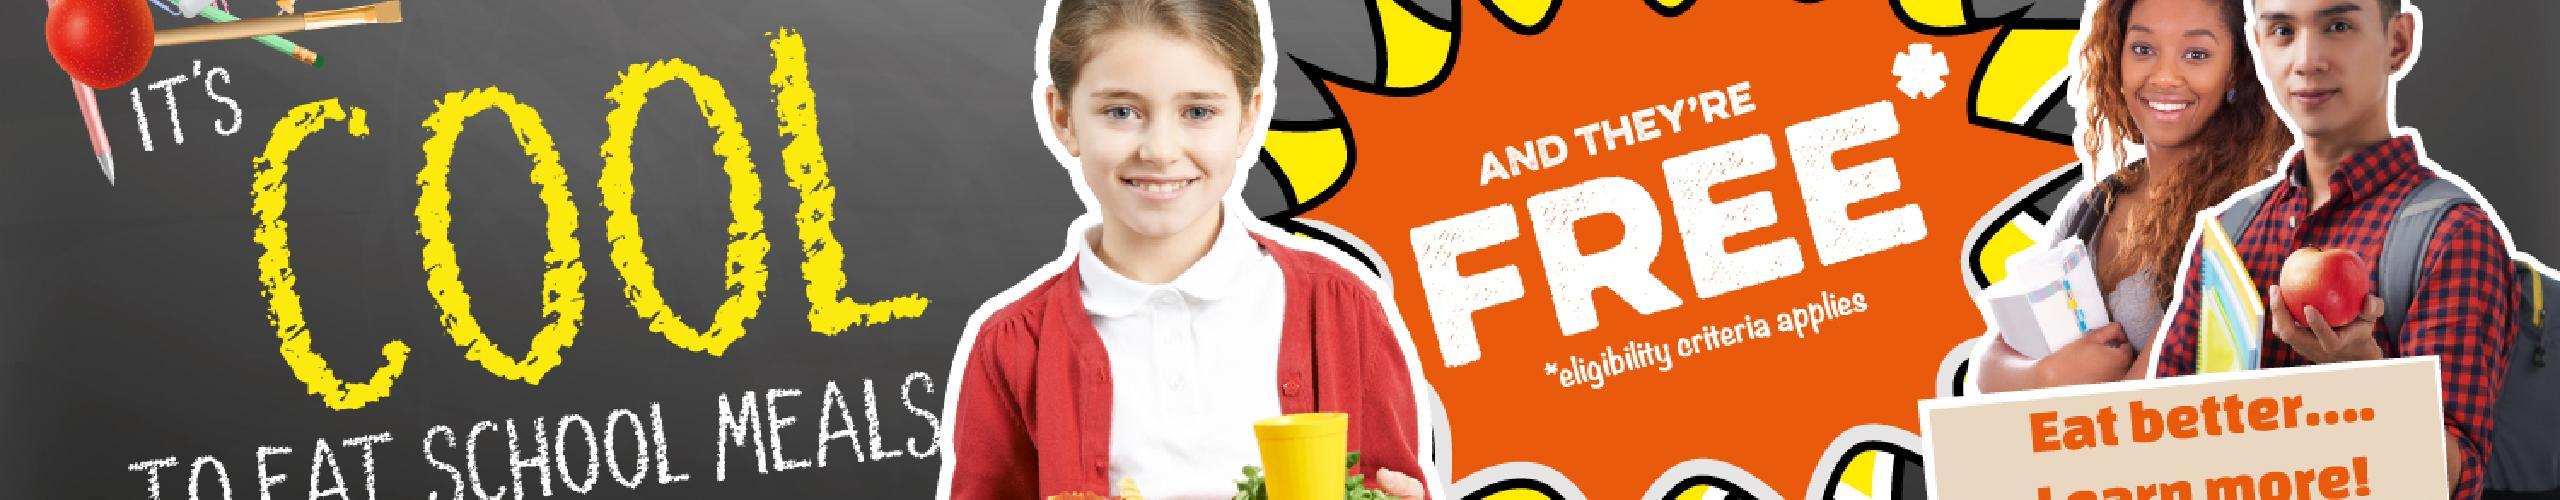 school meals background